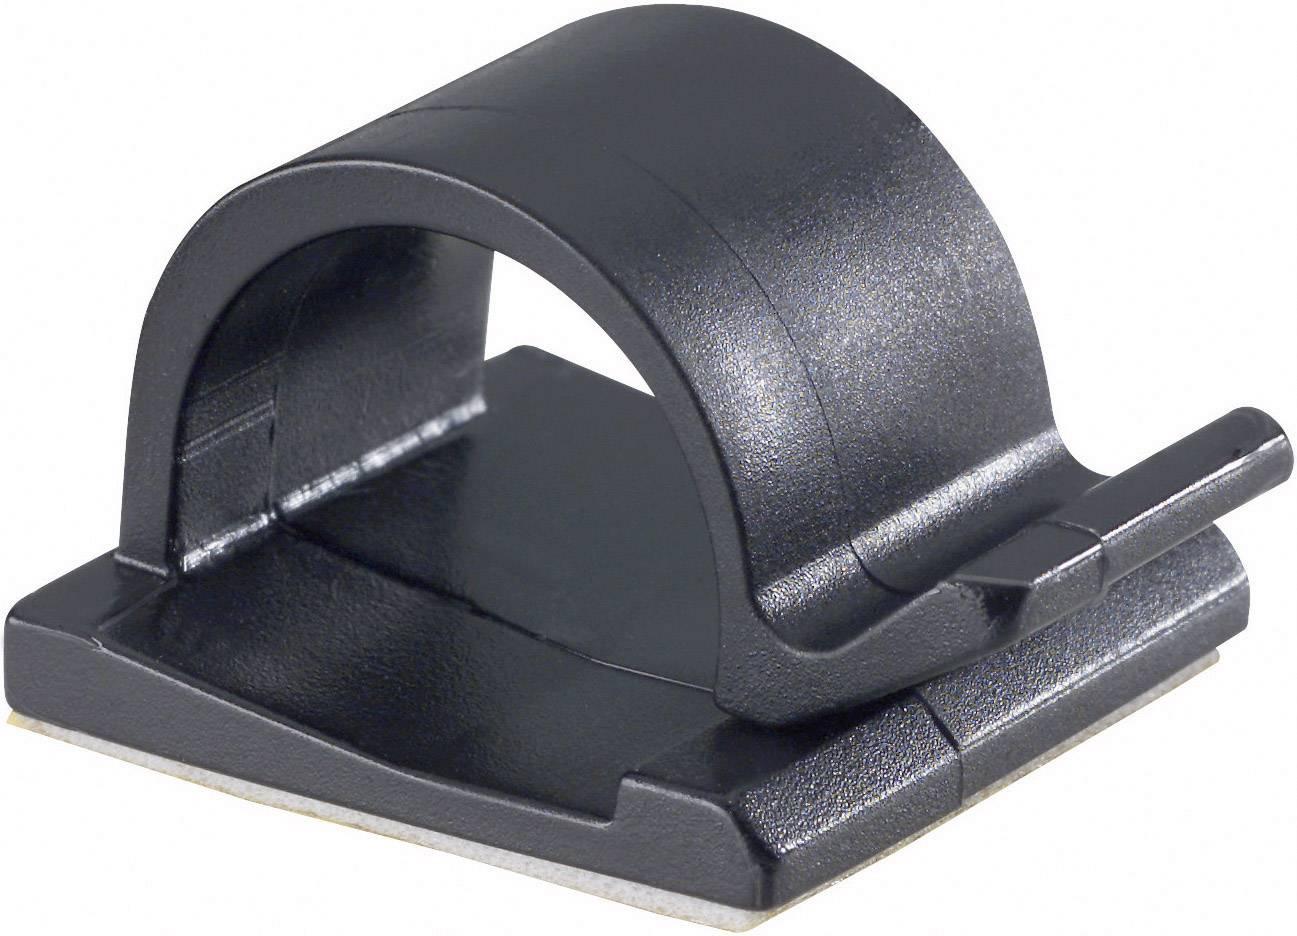 Kabelová spona PB Fastener 5439-SW 5439-SW, samolepicí, 15 mm (max), černá, 1 ks